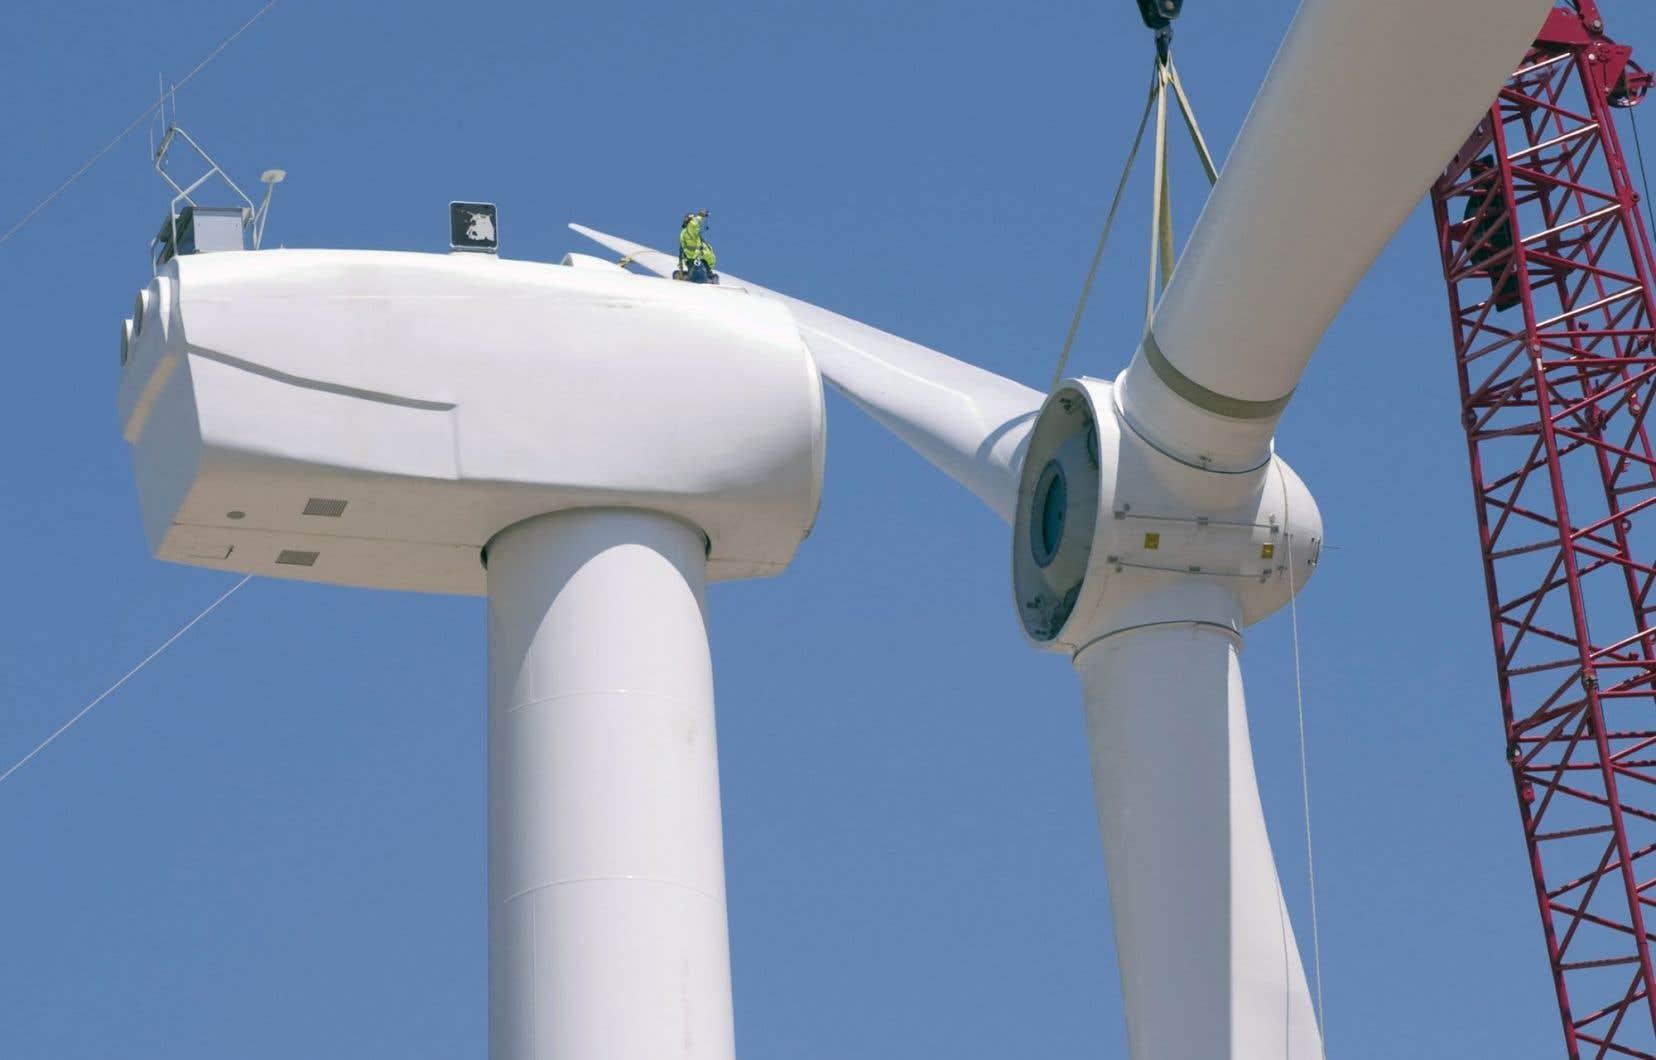 Créée en 1995, l'entreprise Boralex est devenue l'un des grands joueurs de l'industrie de l'énergie renouvelable au Canada.